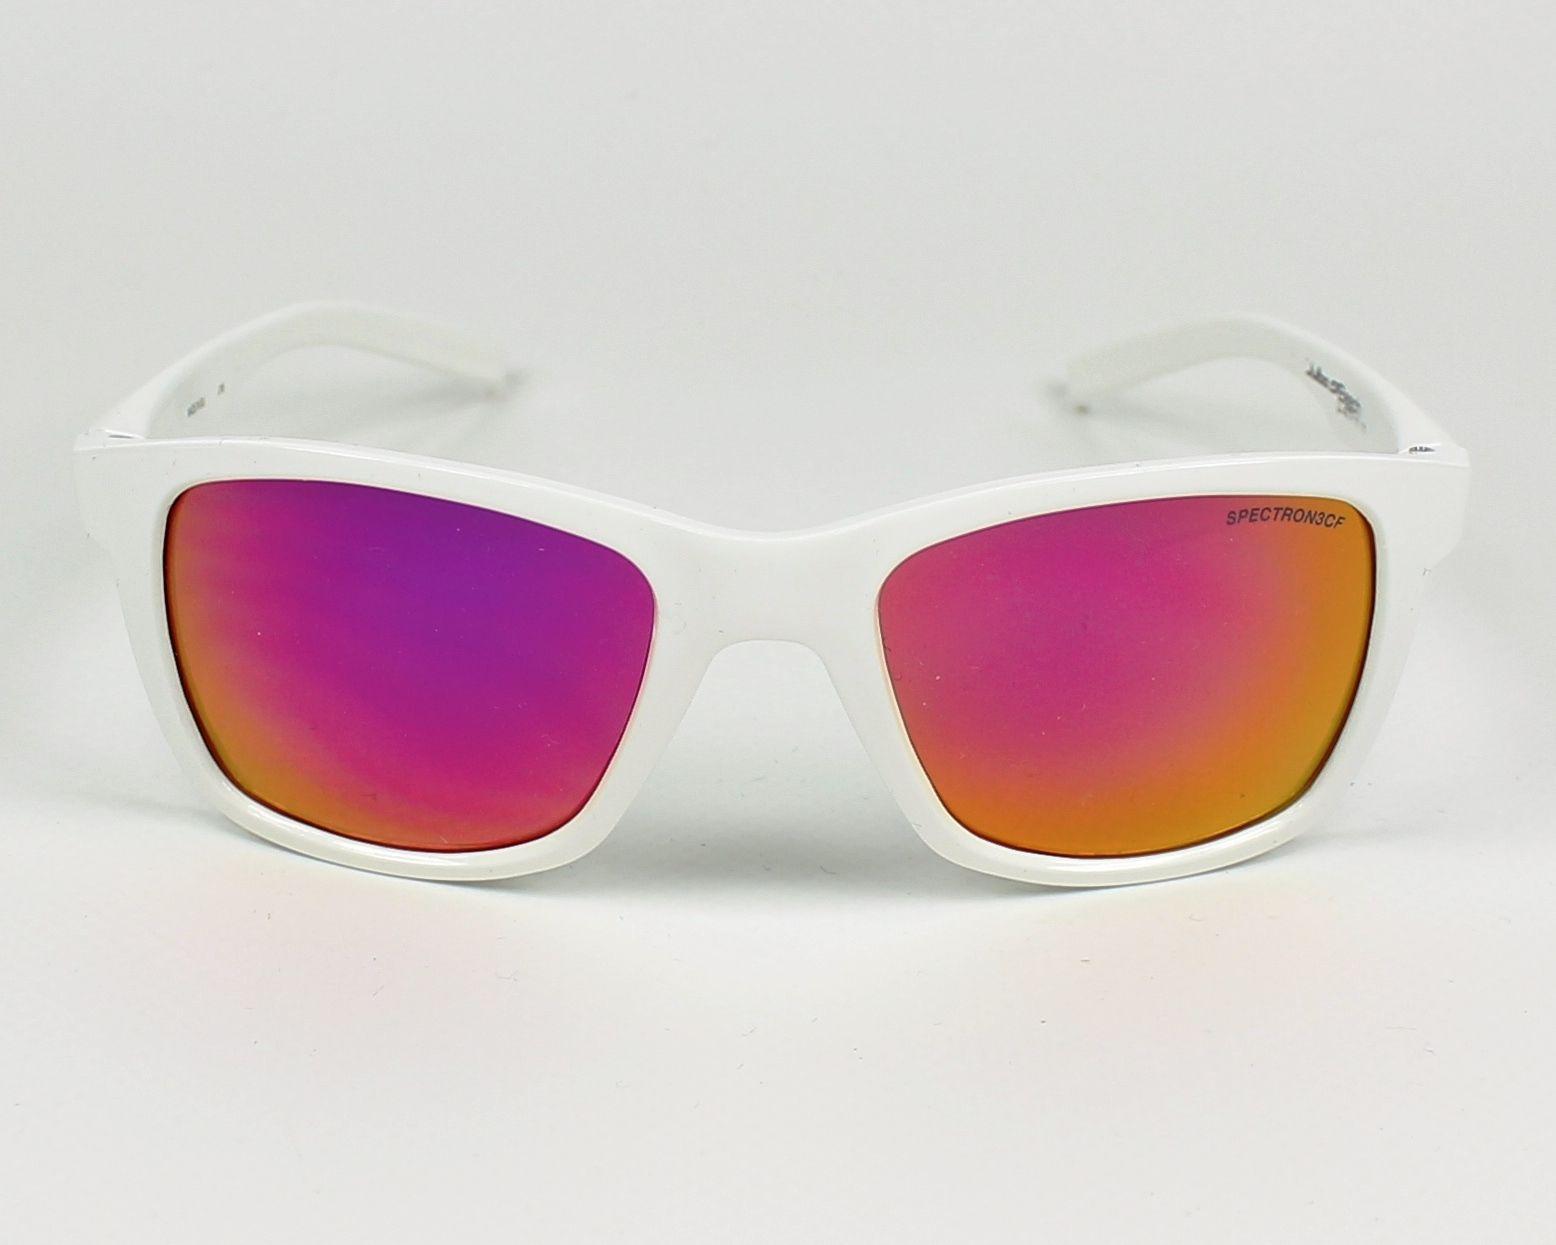 891e77d278 Sunglasses Julbo J477 1111 50-19 White front view